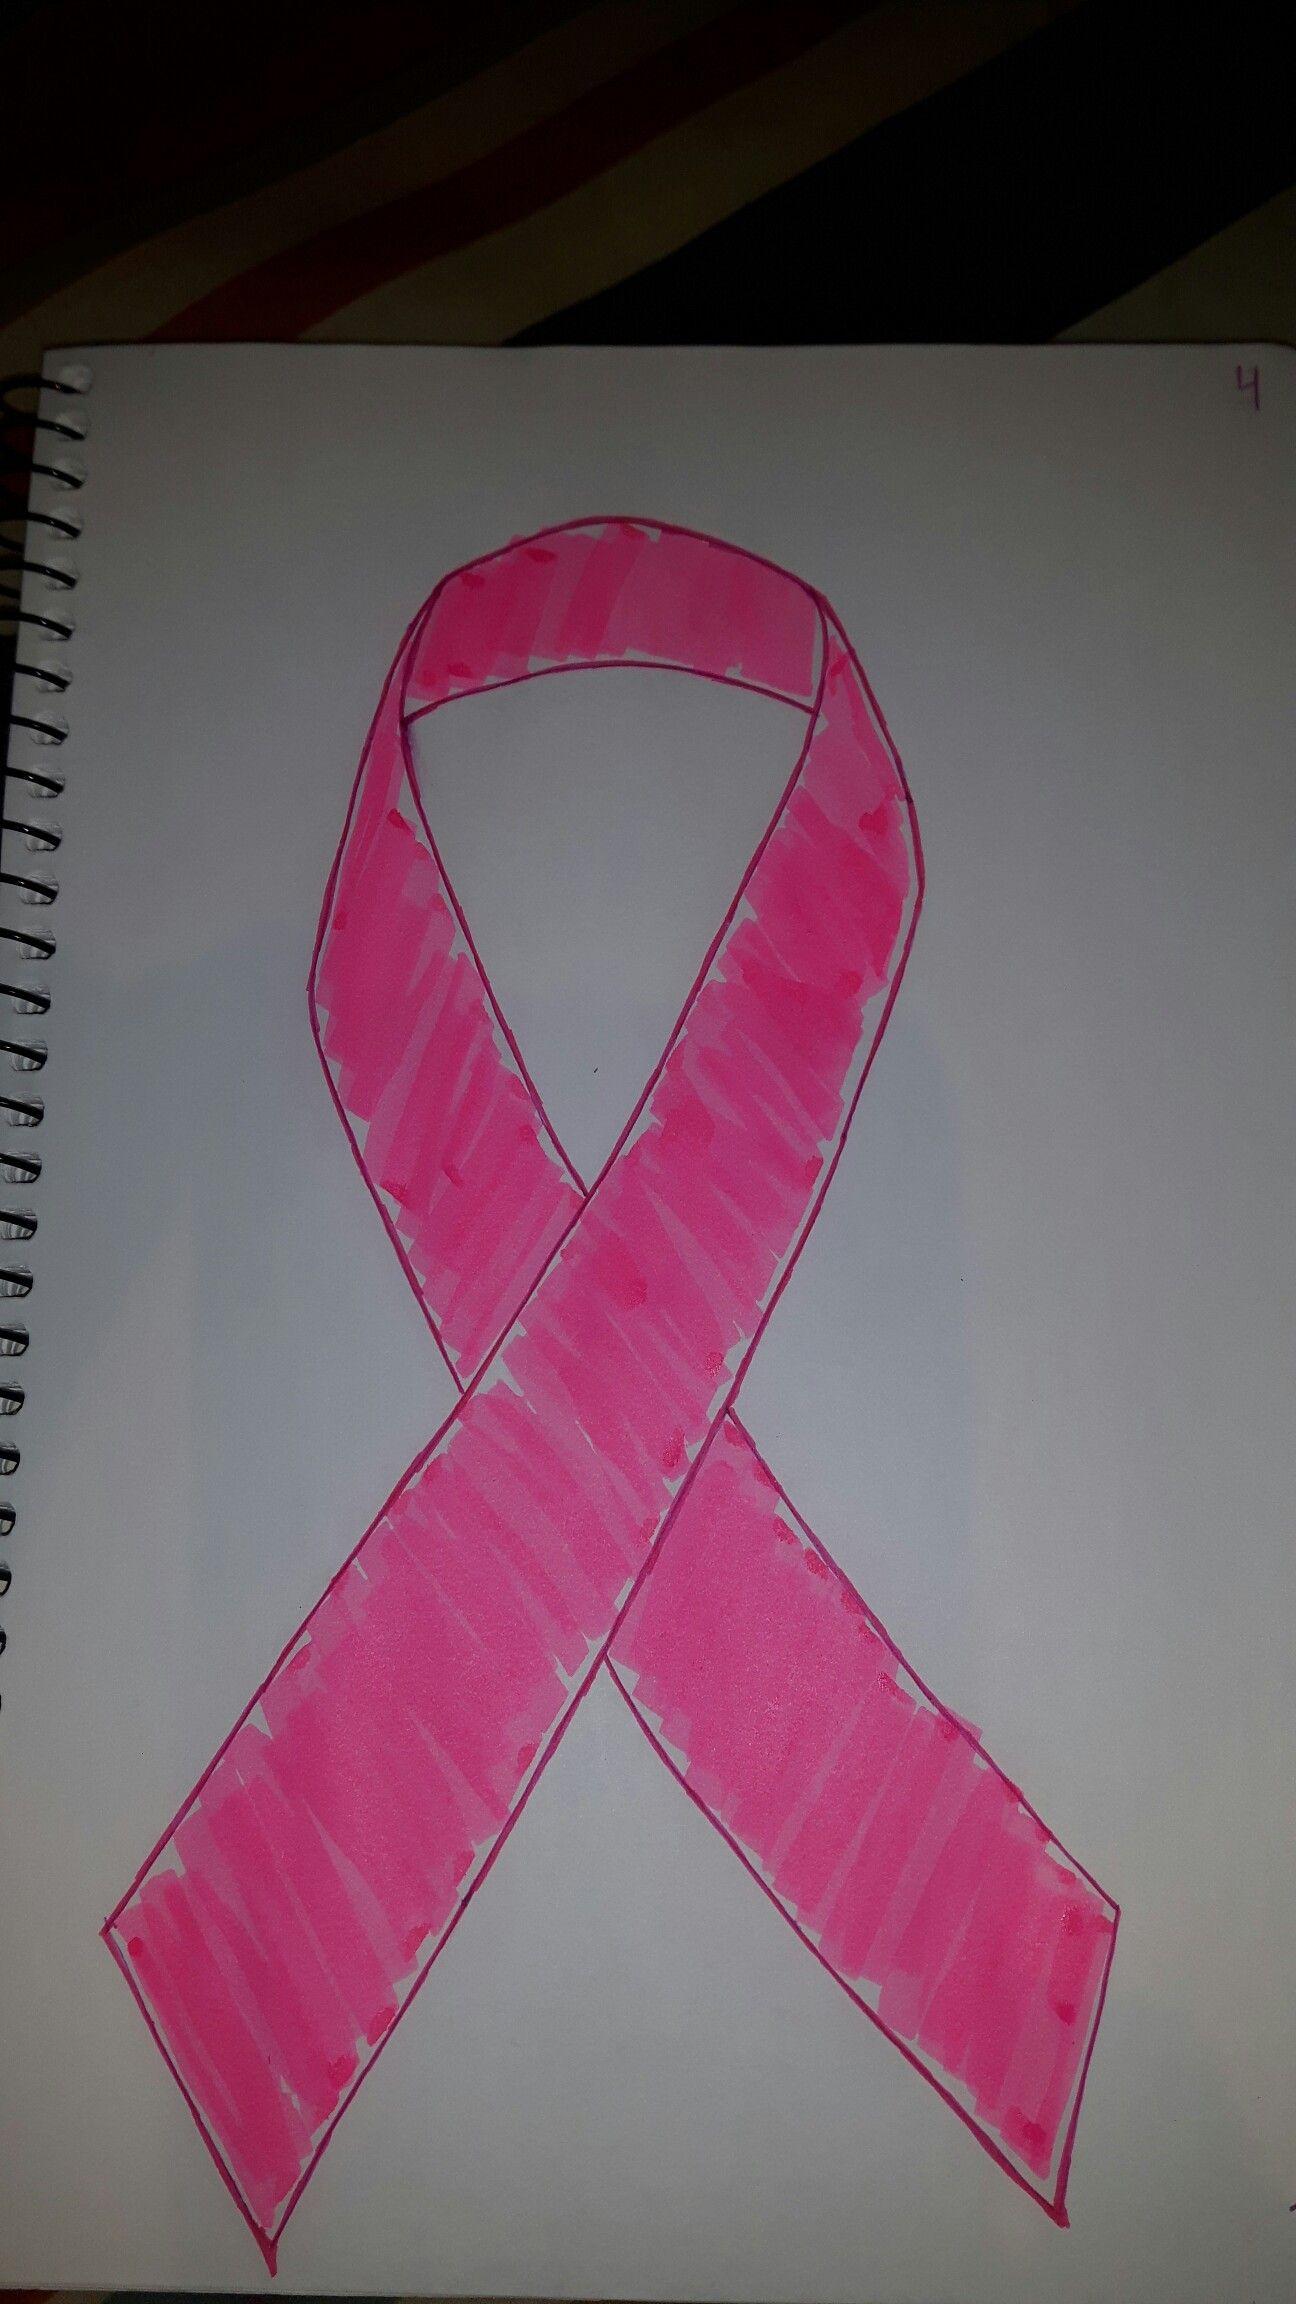 Día 4.lazo (día internacional contra el cáncer)